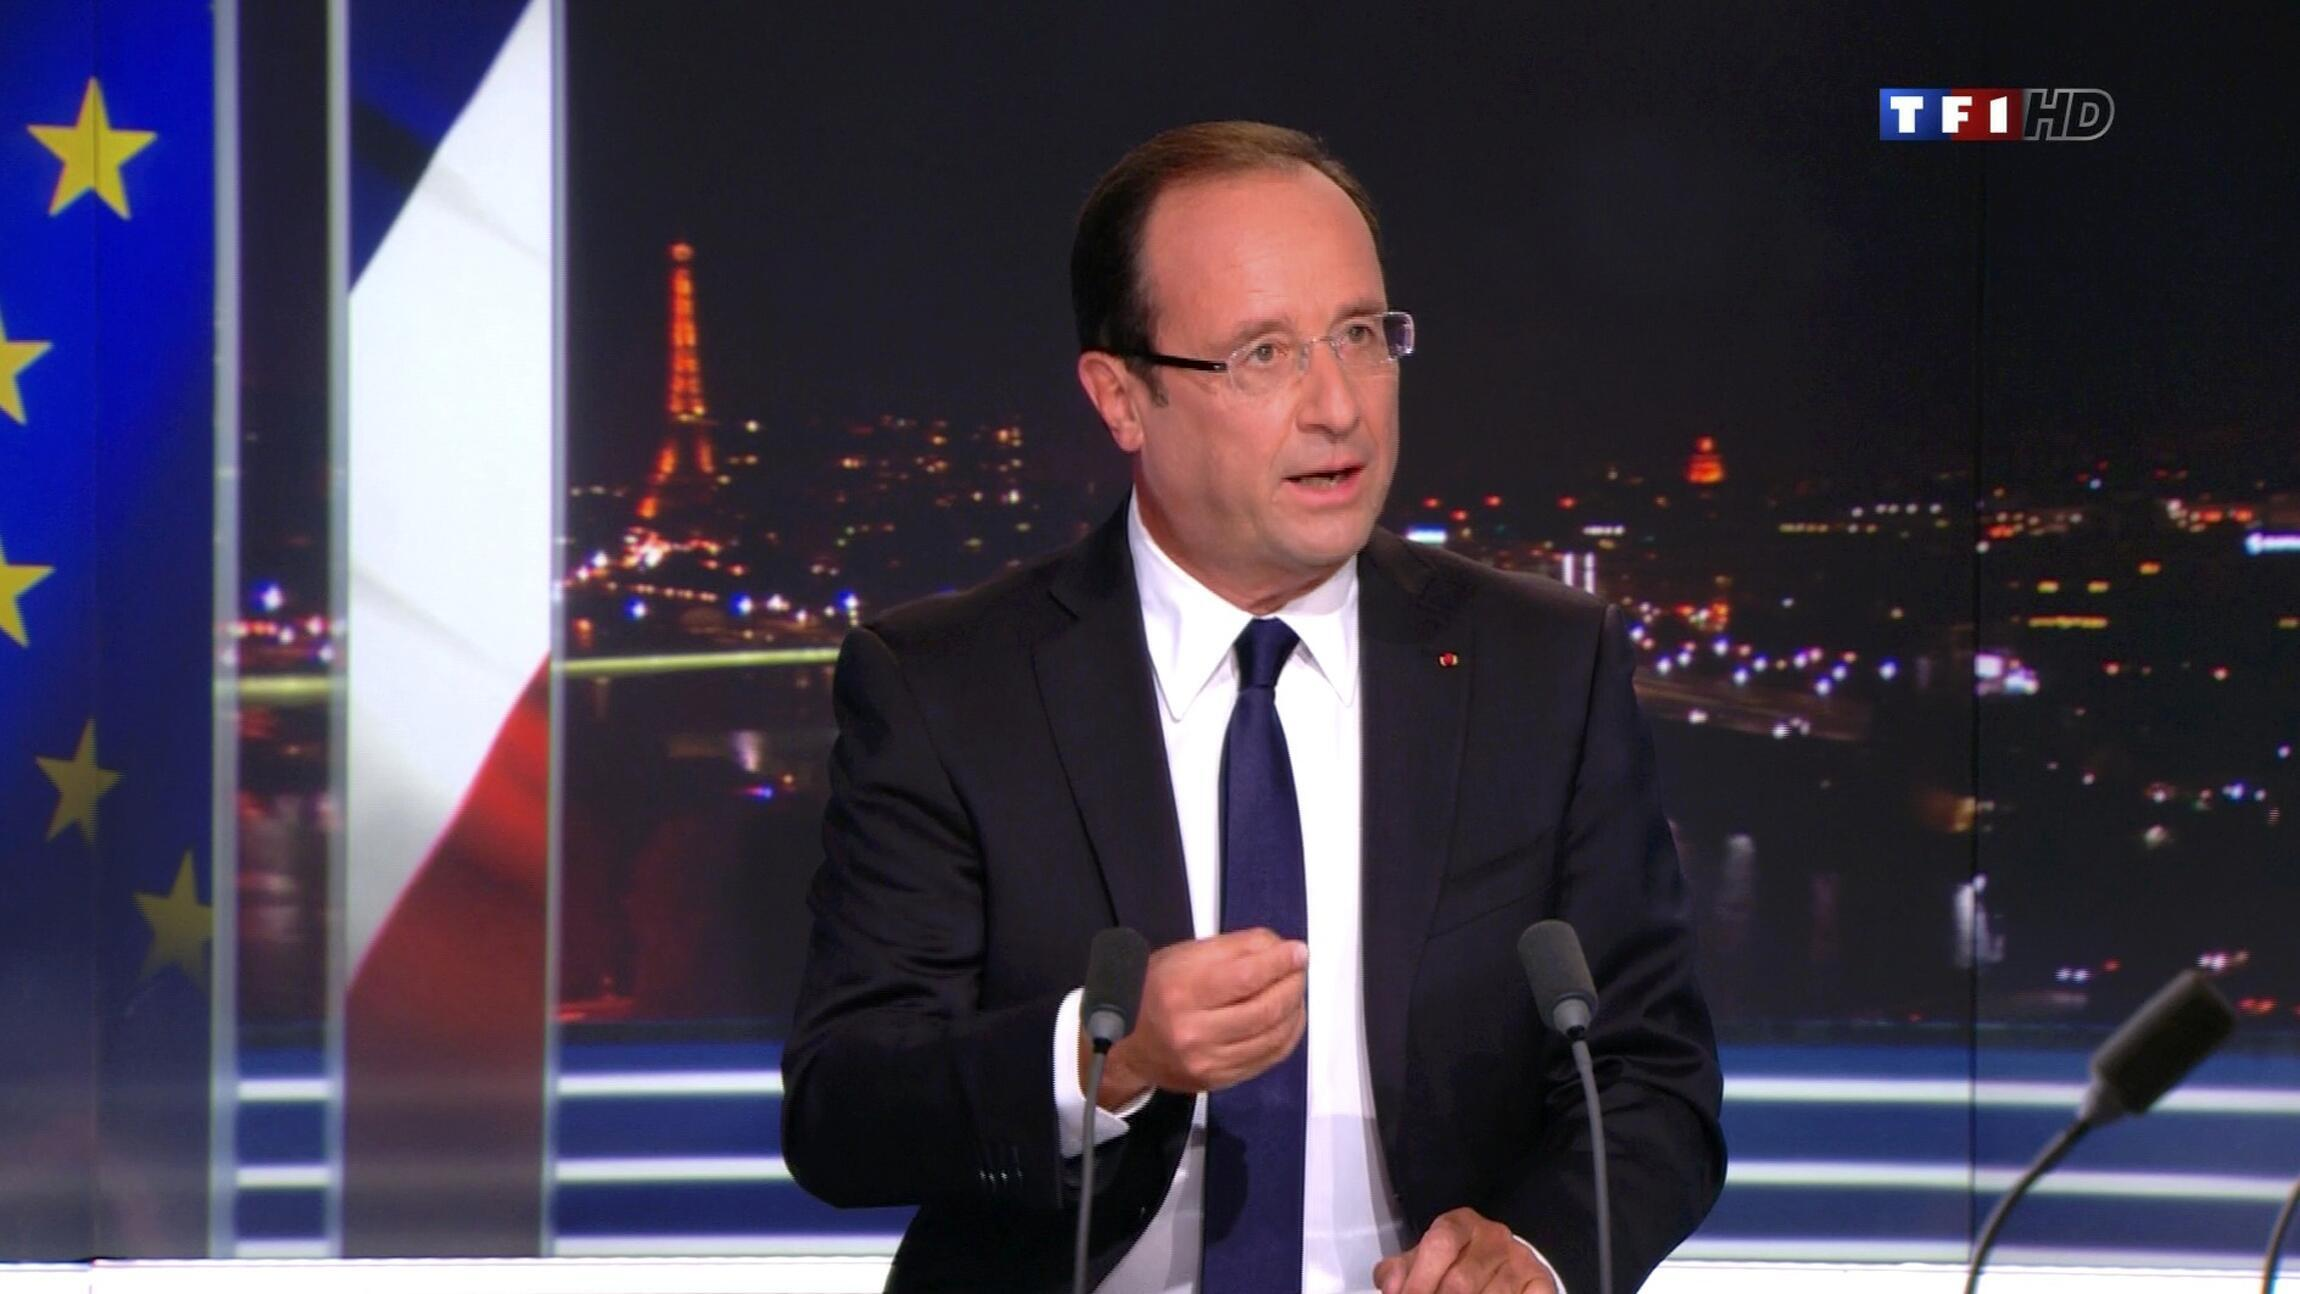 លោកប្រធានាធិបតីបារាំង ហ្វ្រង់ស្វ័រ ហូឡង់ ថ្លែងពន្យល់តាមរយៈកញ្ចក់ទូរទស្សន៍ TF1 នៅថ្ងៃអាទិត្យទី៩កញ្ញា២០១២